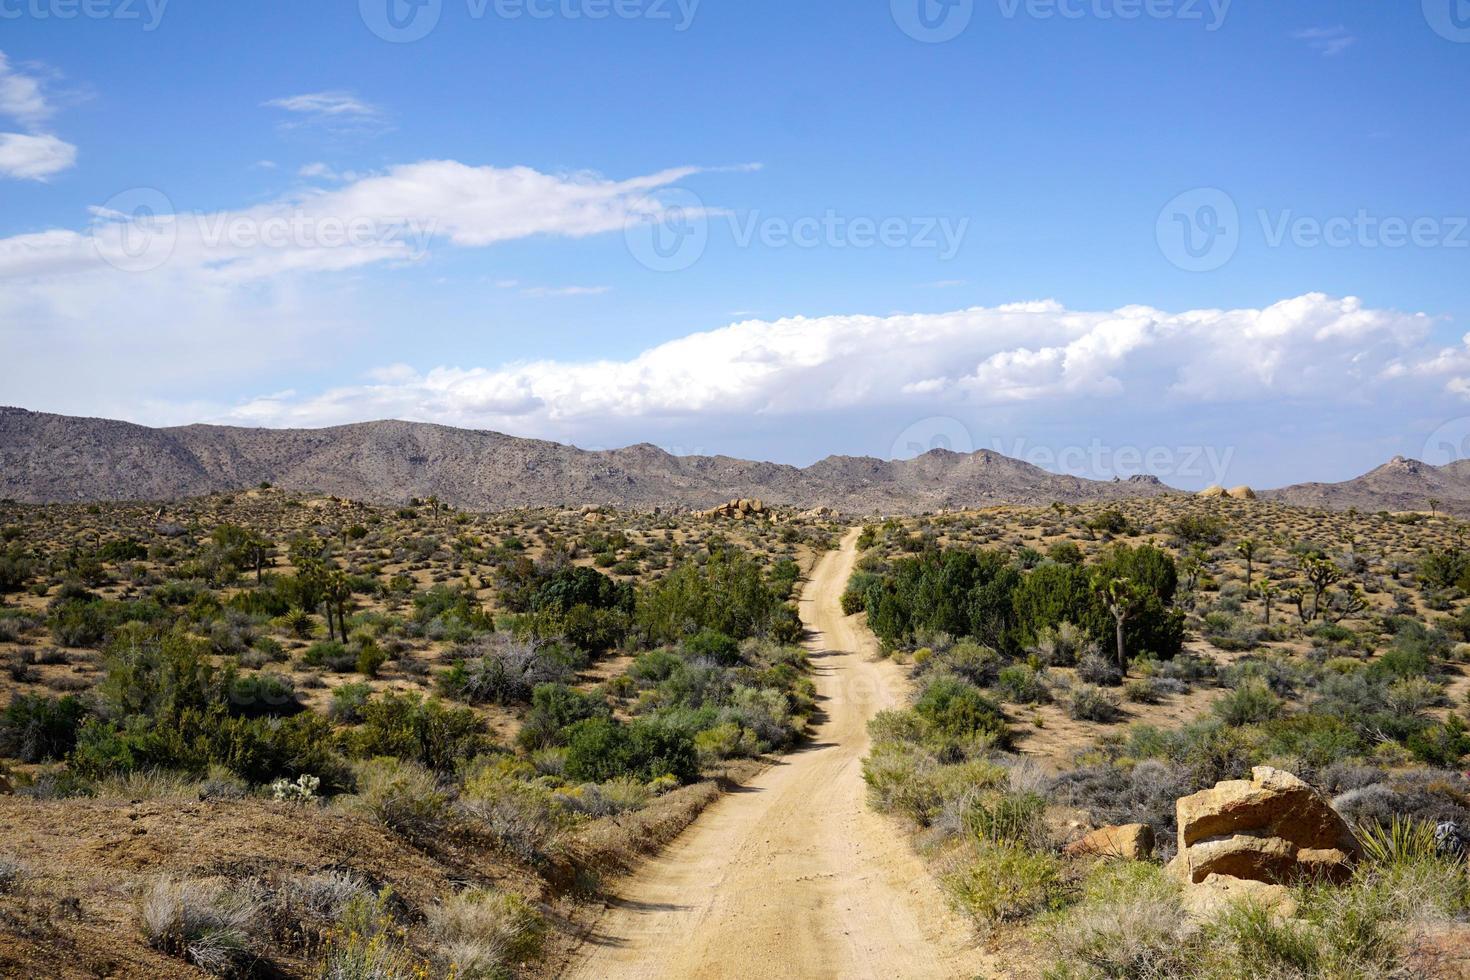 zandweg in de woestijn foto